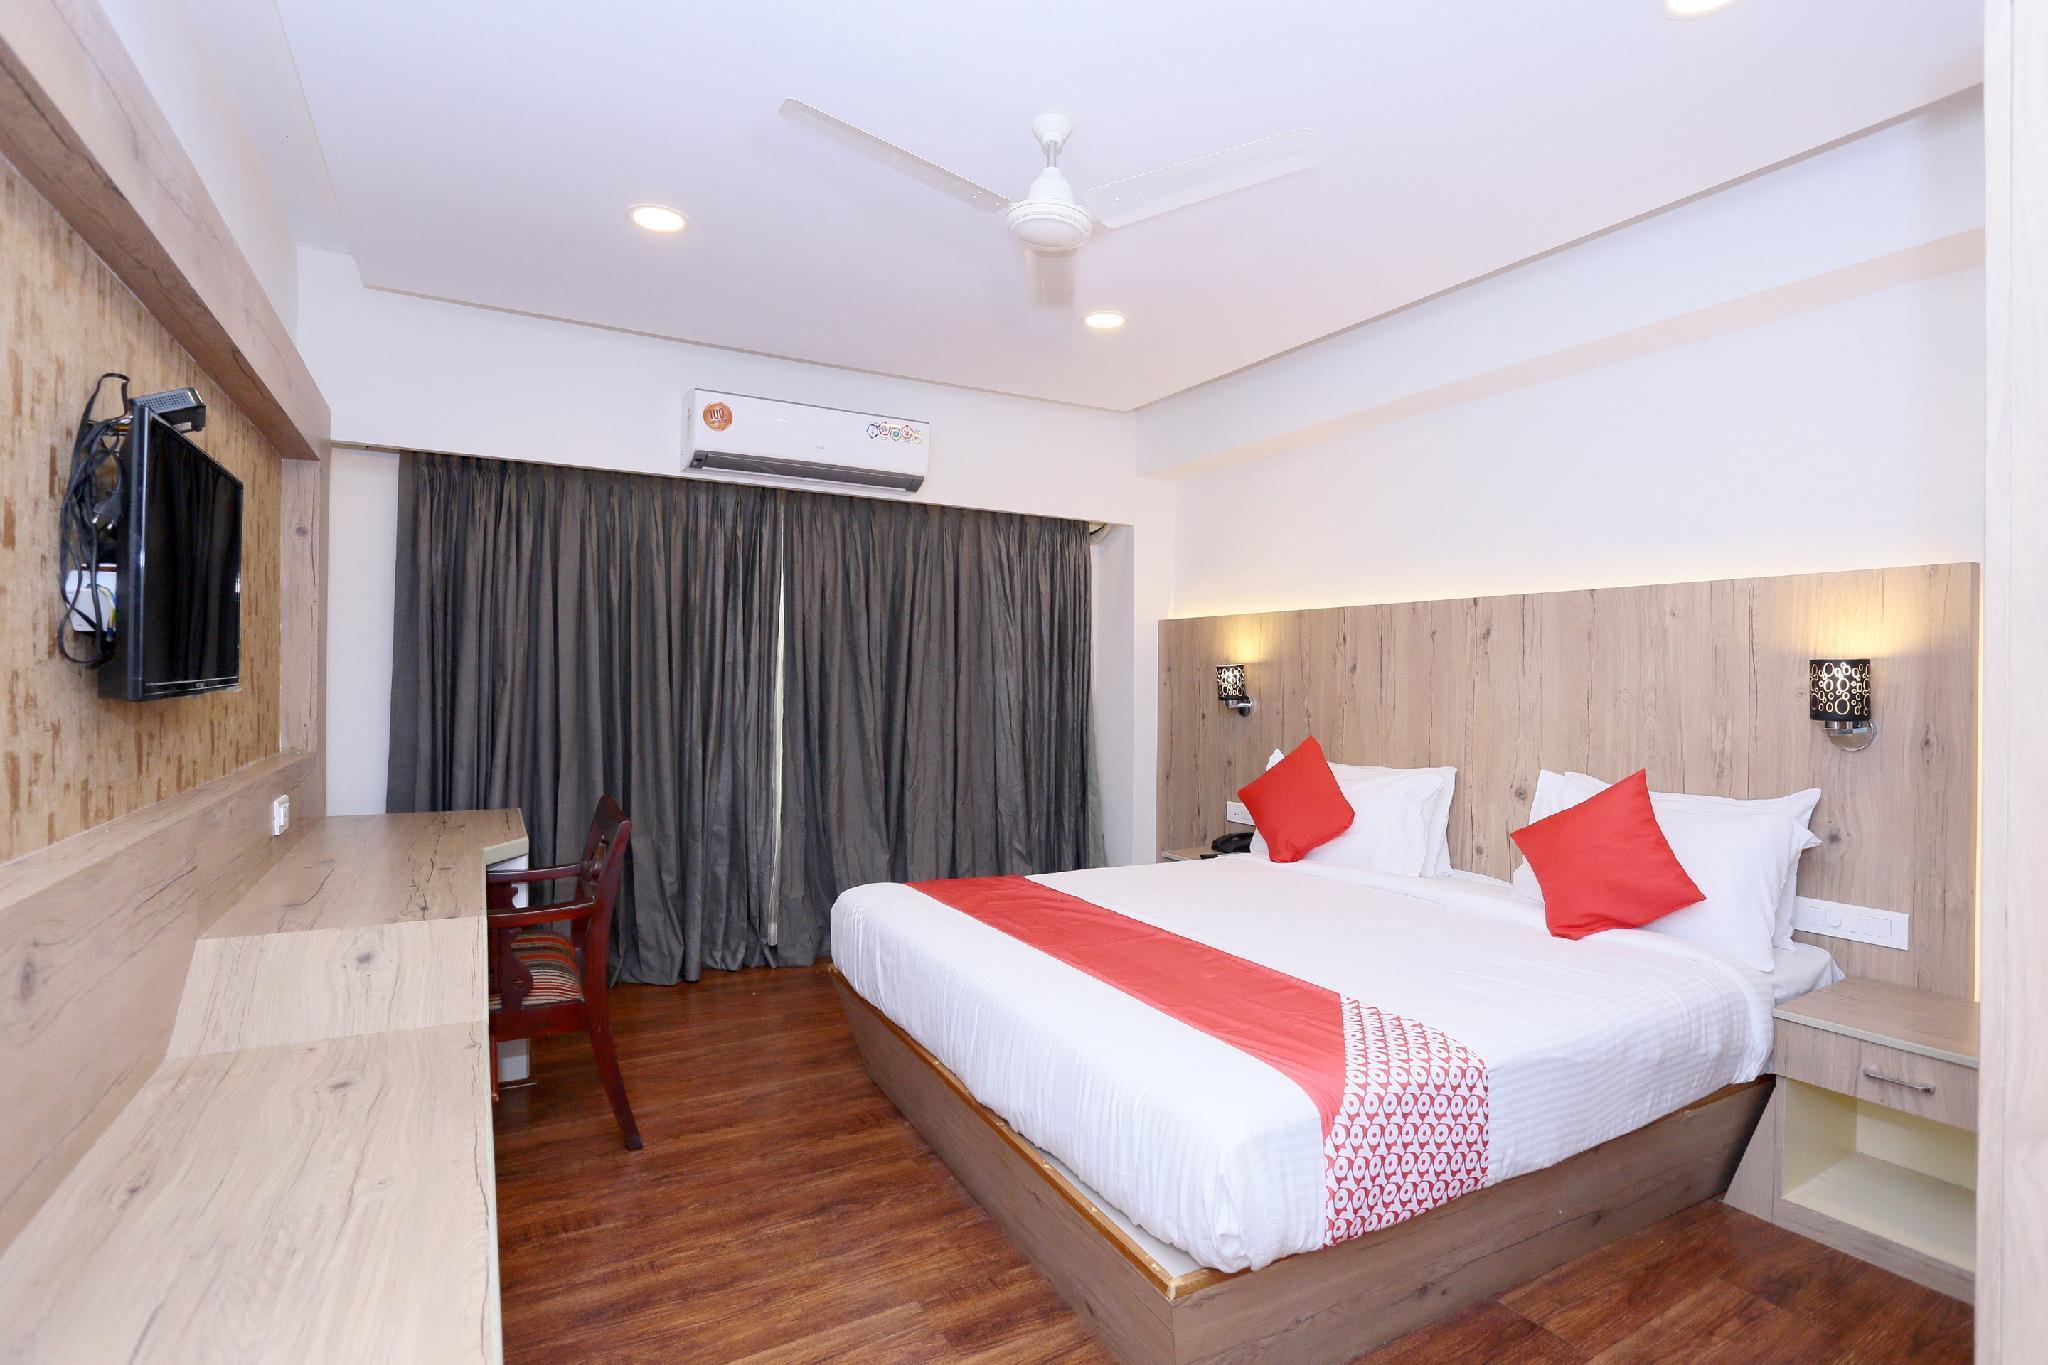 OYO 24570 The Palms, Kottayam